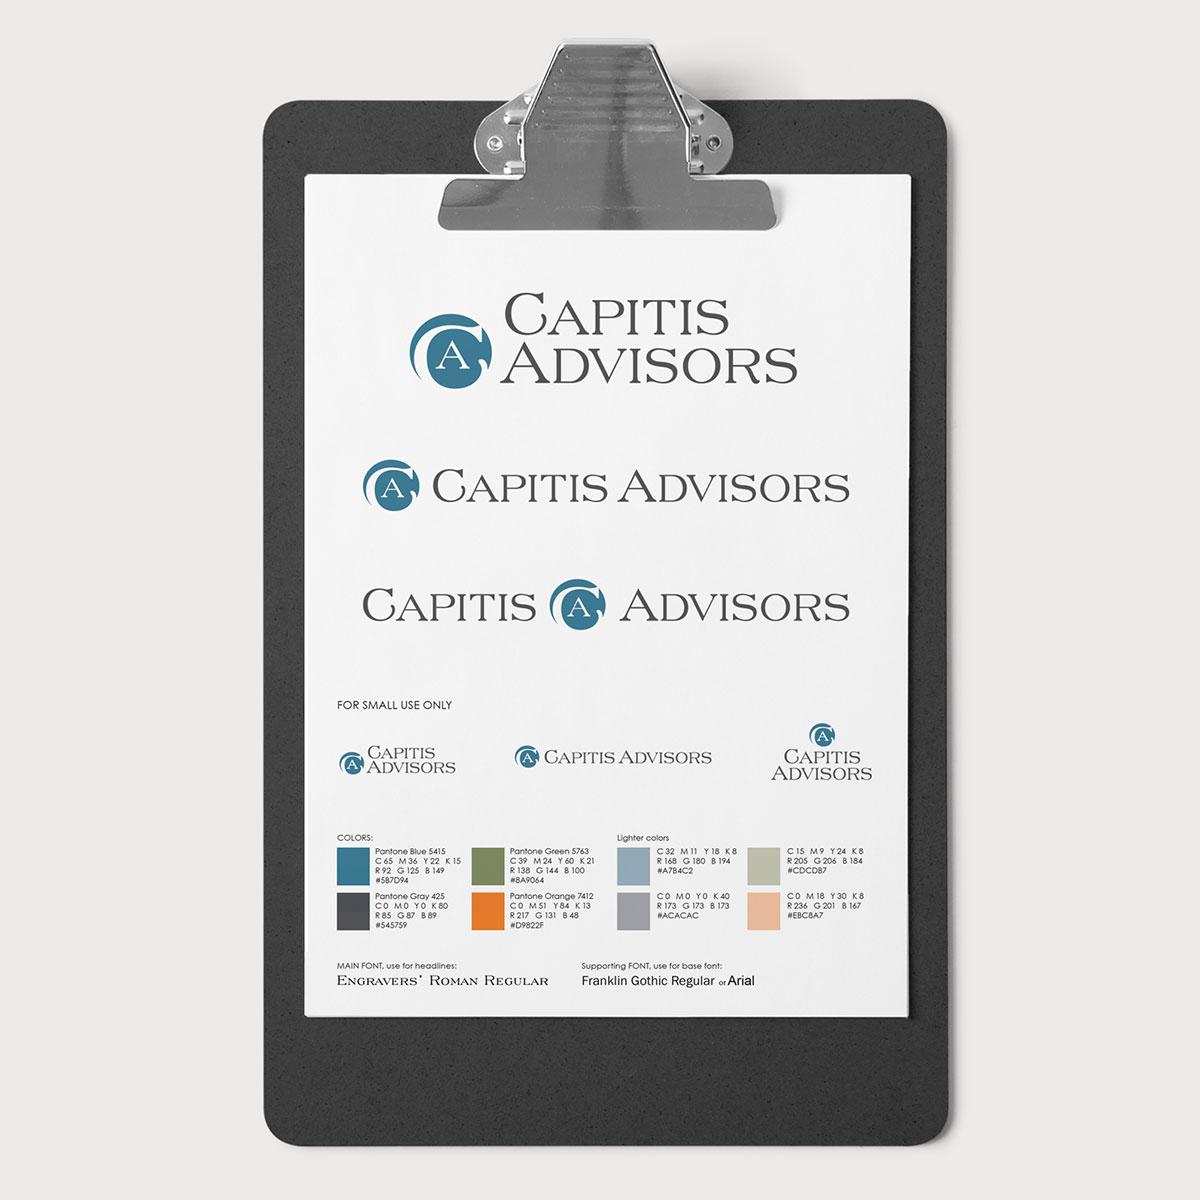 Branding Guide for Captis Advisors